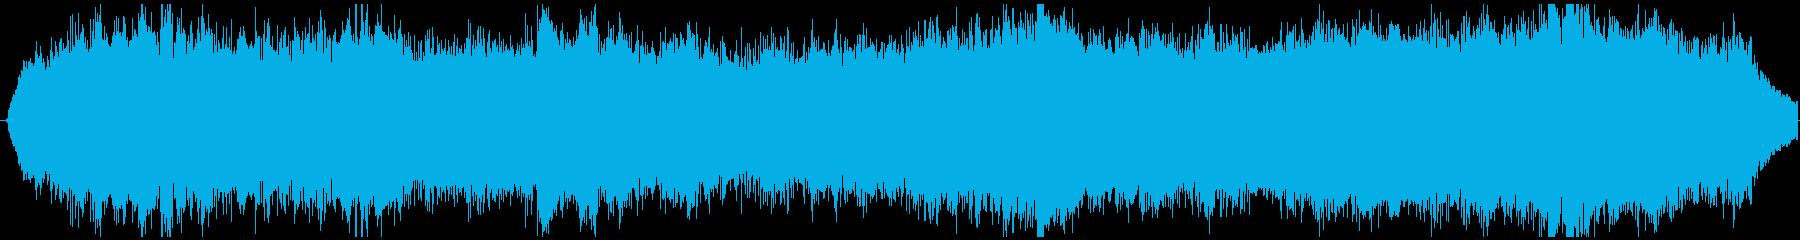 PADS スペース合唱団01の再生済みの波形